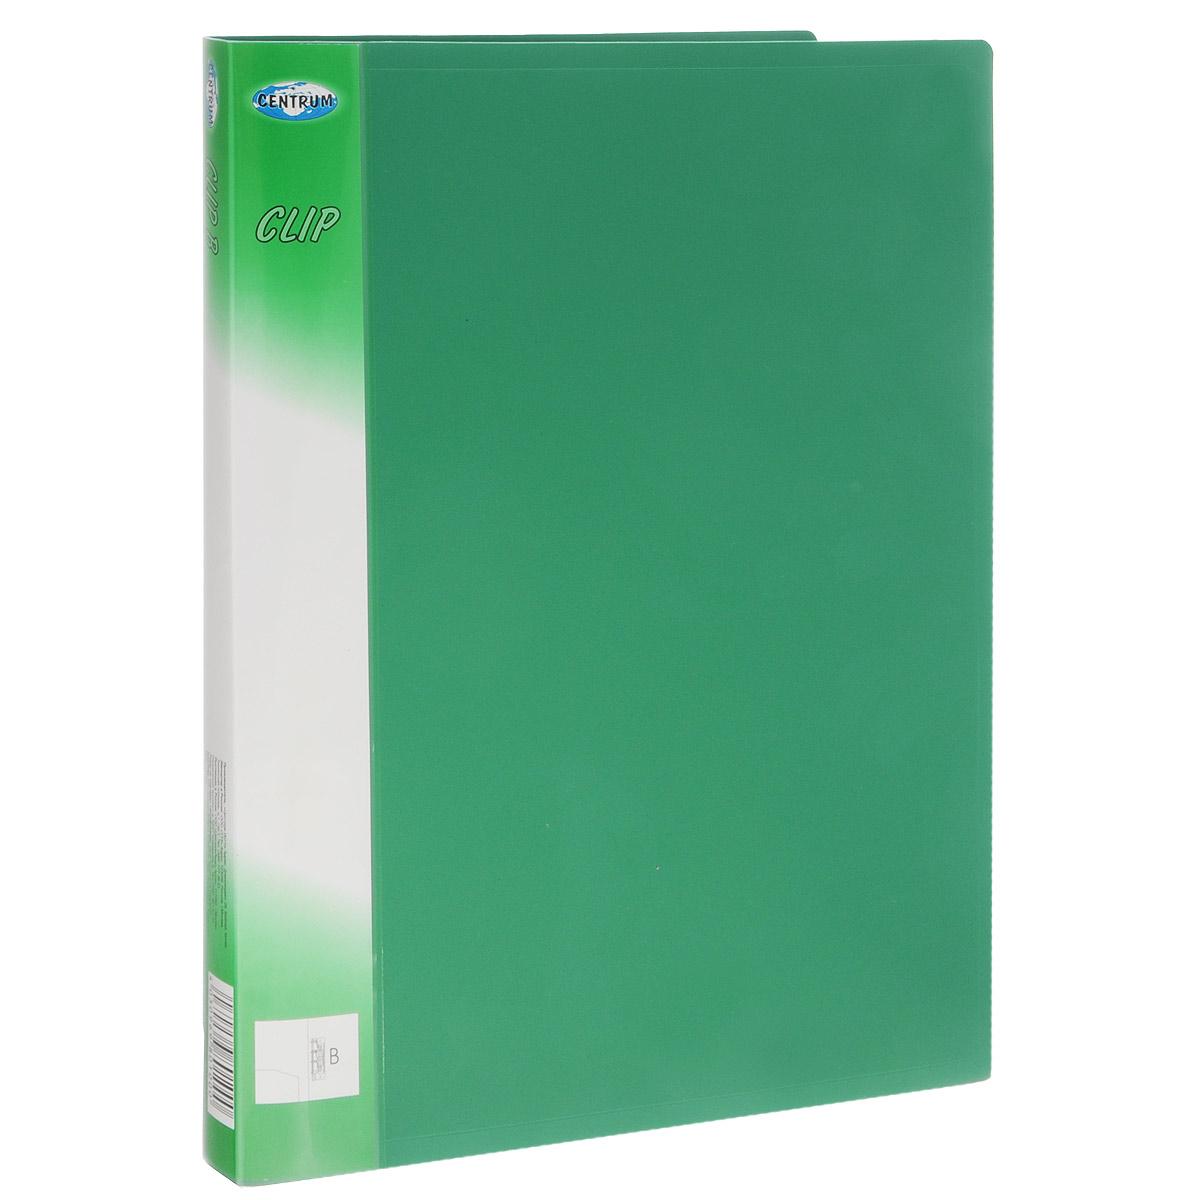 Centrum Папка Clip с боковым зажимом цвет зеленый80100Папка с боковым зажимом Centrum Clip - это удобный и практичный офисный инструмент, предназначенный для хранения и транспортировки рабочих бумаг и документов формата А4. Папка изготовлена из высококачественного плотного полипропилена и оснащена металлическим зажимом и внутренним кармашком. Папка с боковым зажимом - это незаменимый атрибут для студента, школьника, офисного работника. Такая папка надежно сохранит ваши документы и сбережет их от повреждений, пыли и влаги.